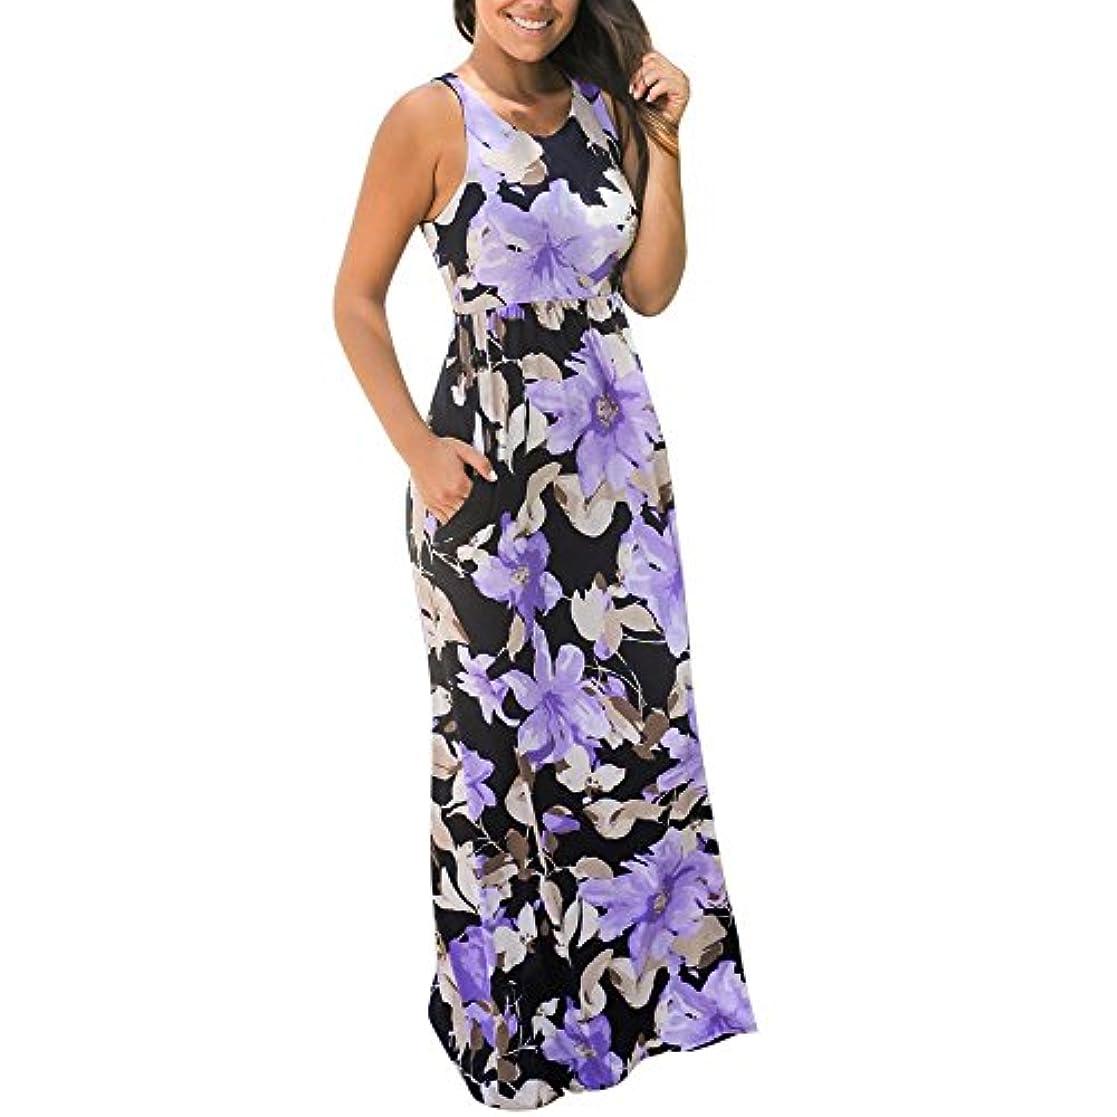 排泄物不器用オーバードローSakuraBest Women Sleeveless Floral Print Maxi Long Dress with Pockets (M, Purple)